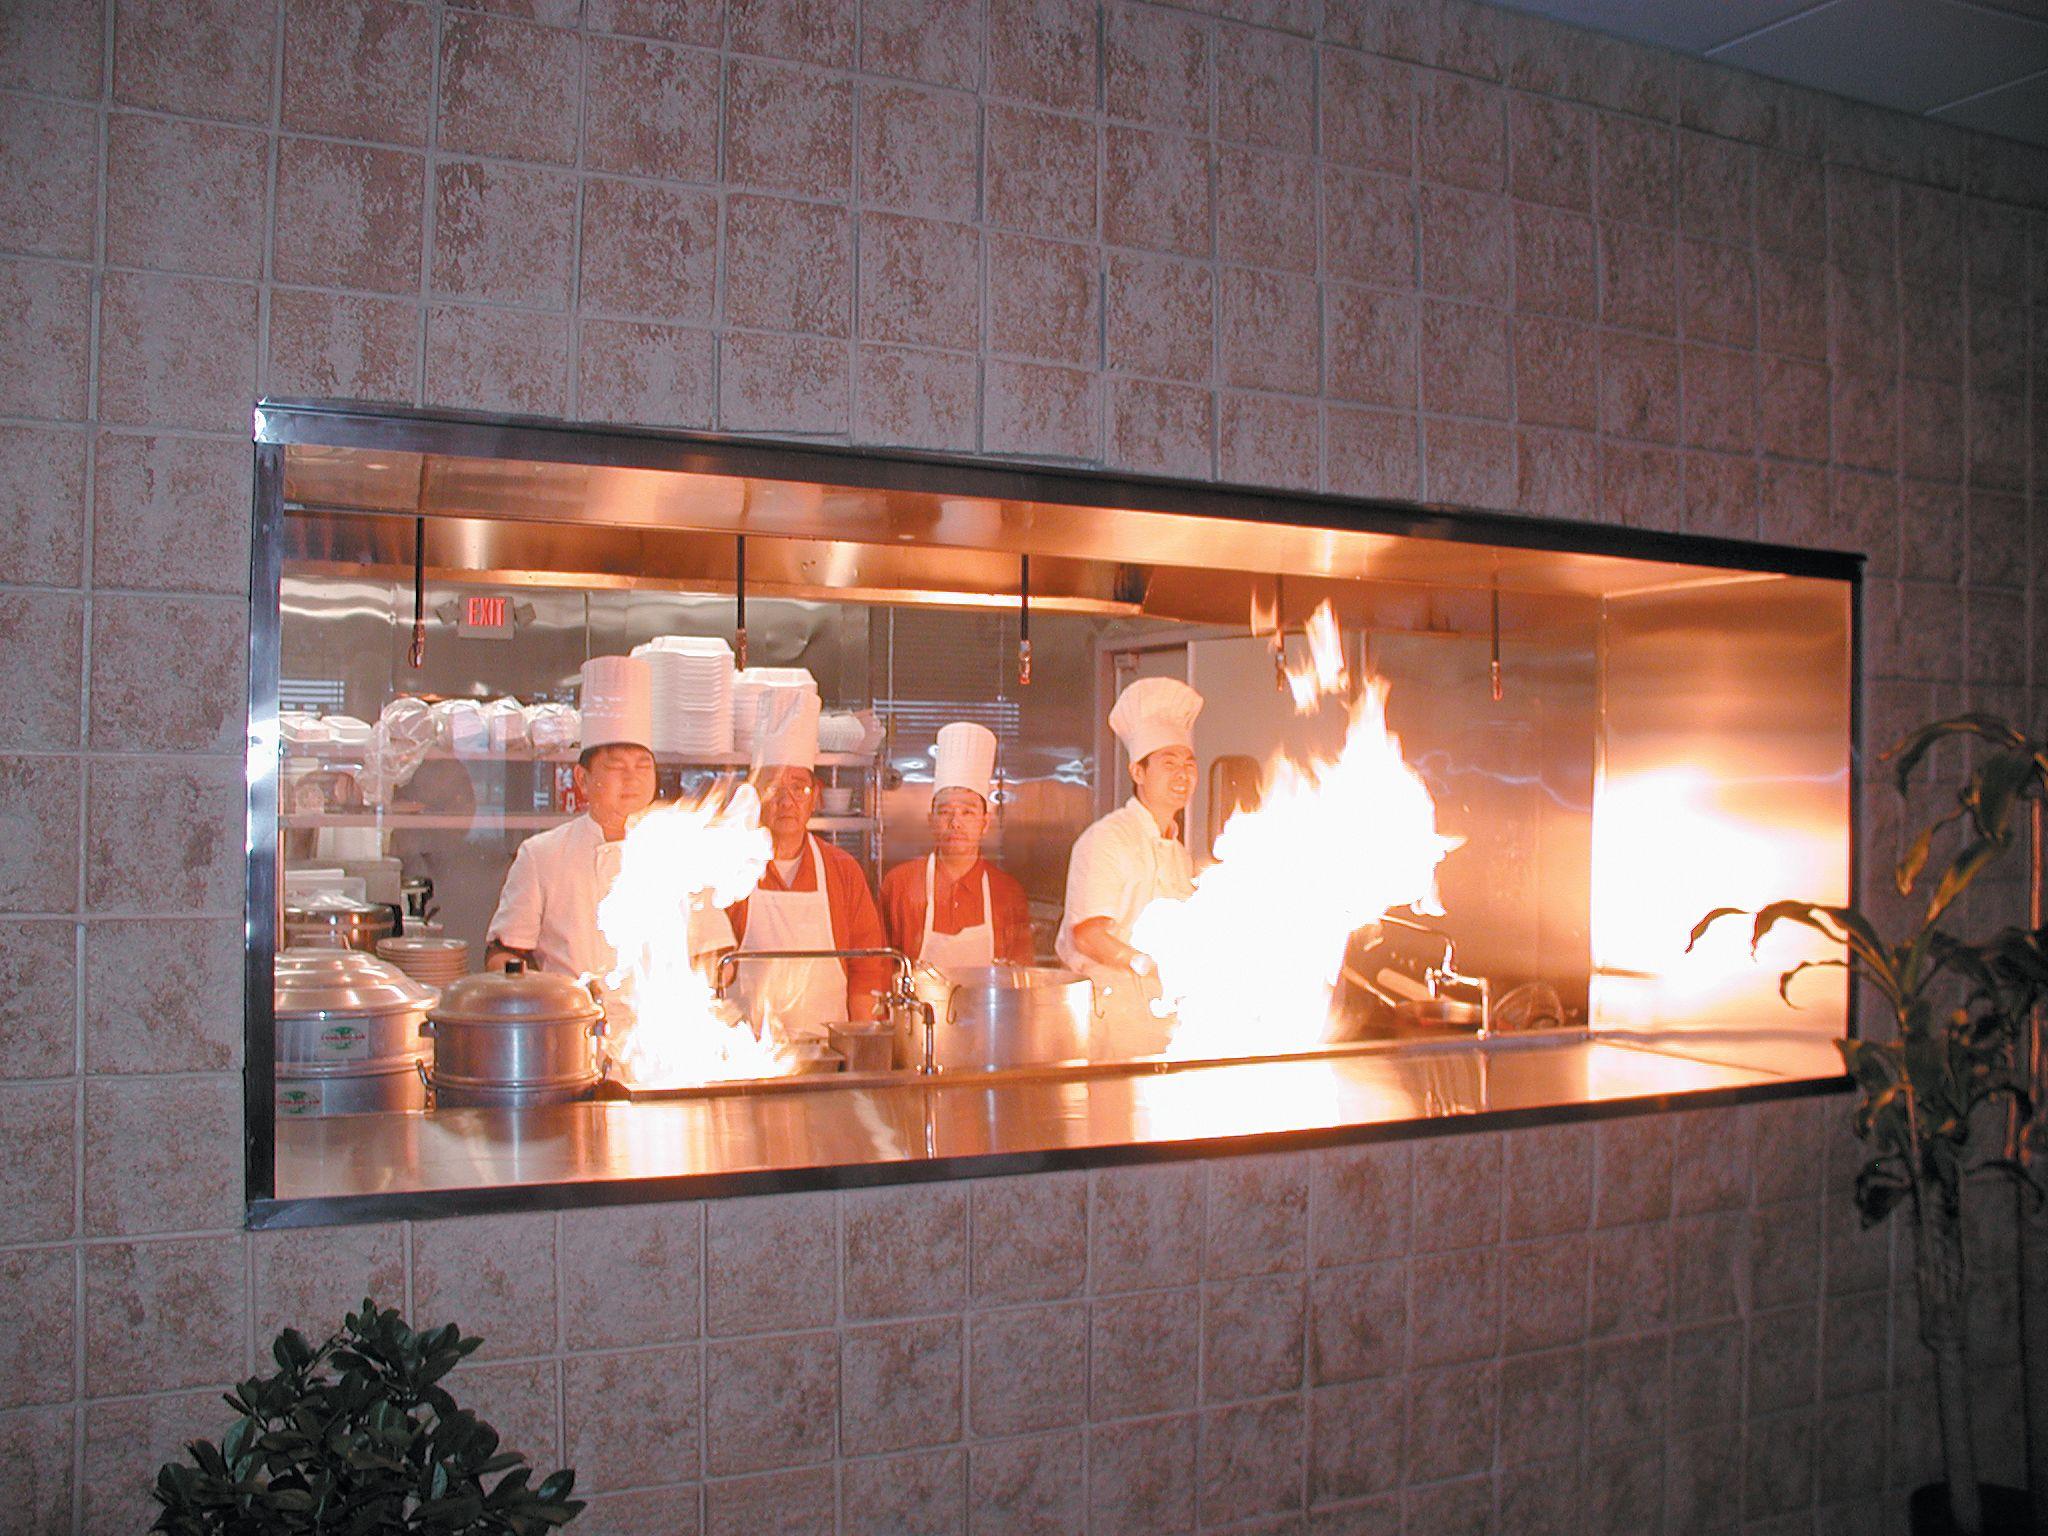 Restaurant Kitchen Window  Google Search  Kitchen Layout Adorable Chinese Restaurant Kitchen Design 2018